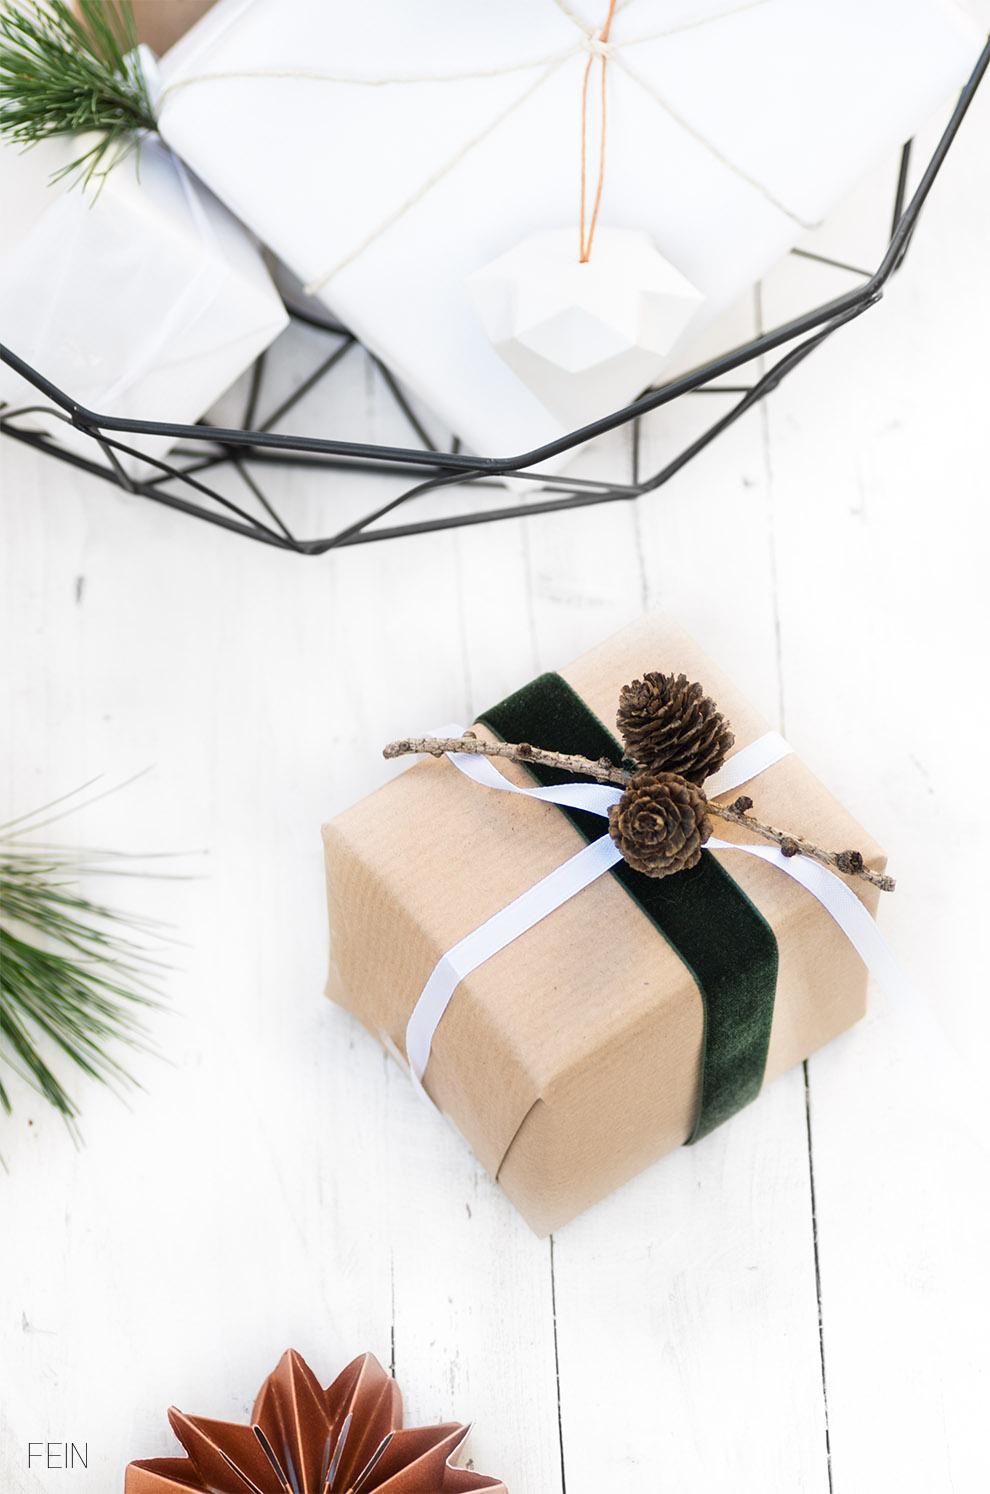 Geschenke Wald Weihnachten